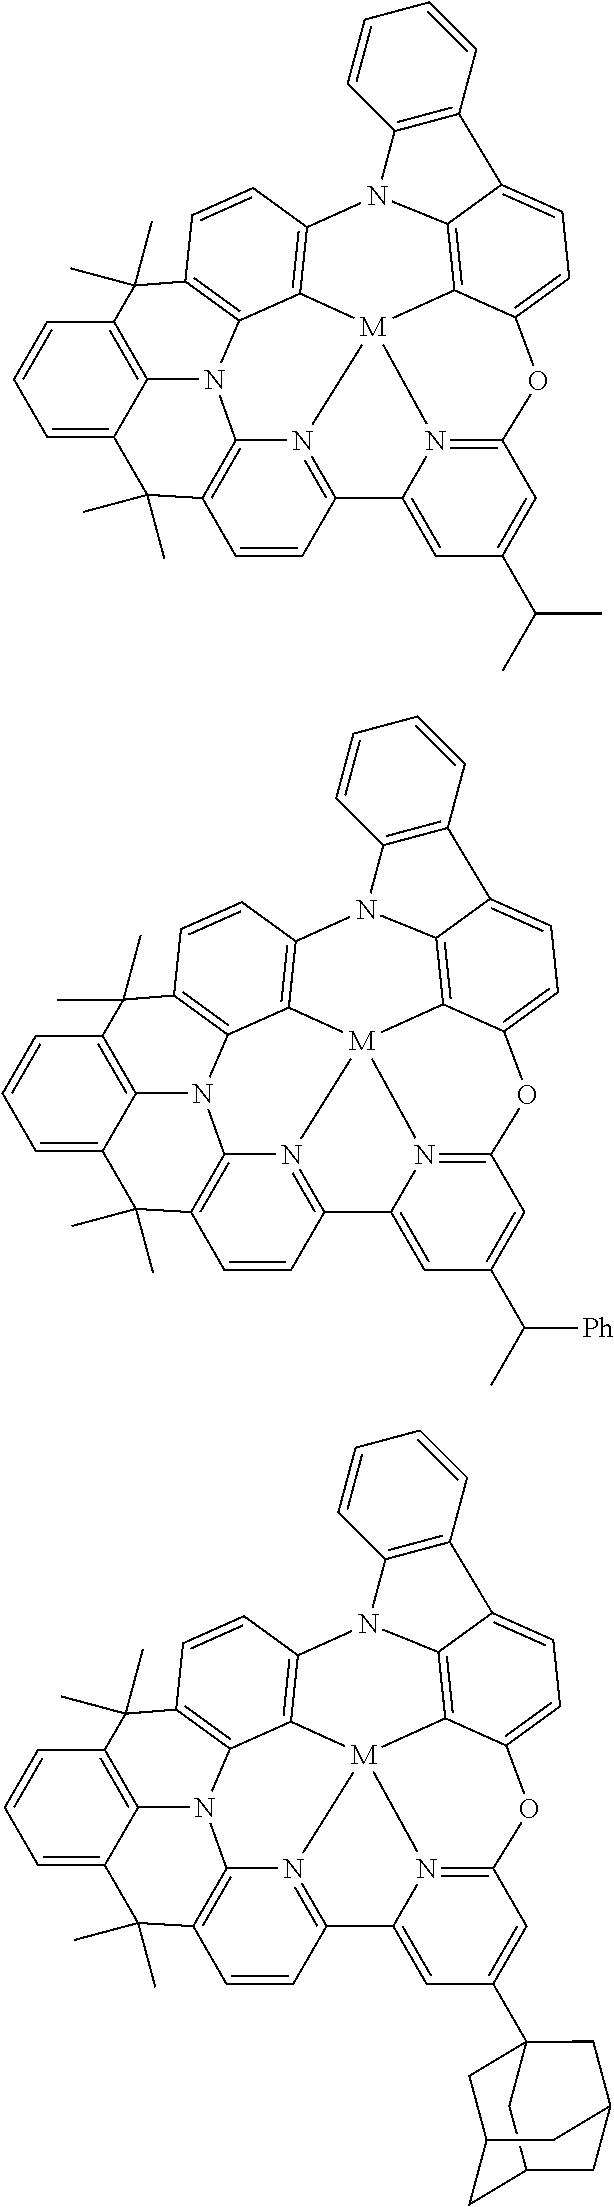 Figure US10158091-20181218-C00169